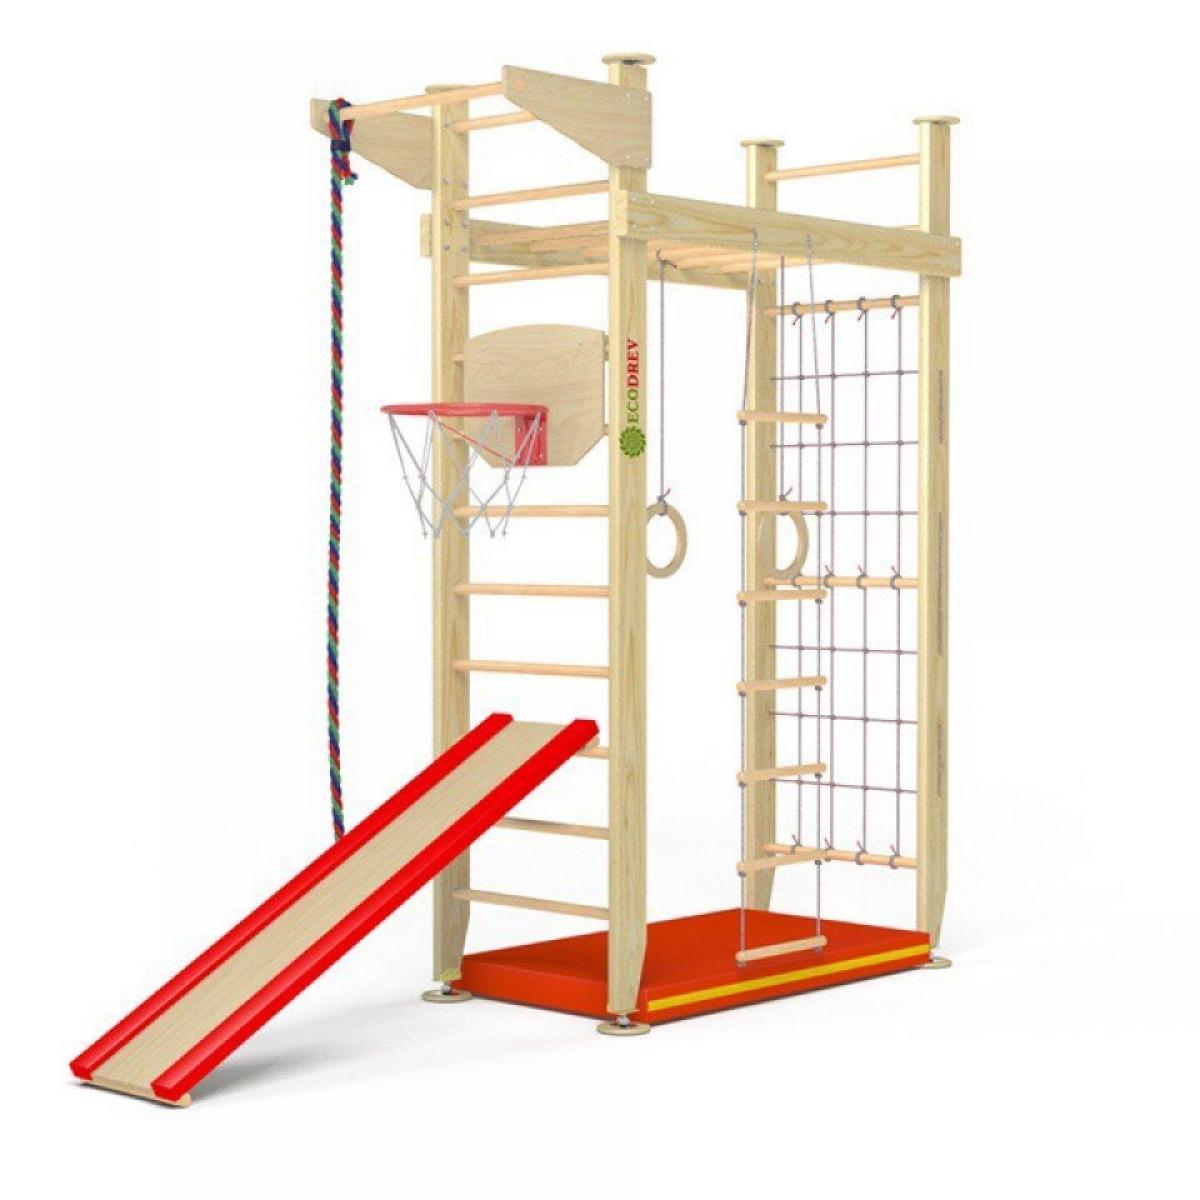 Детский спортивный комплекс Крепыш 02 враспор (лак, полная комплектация)